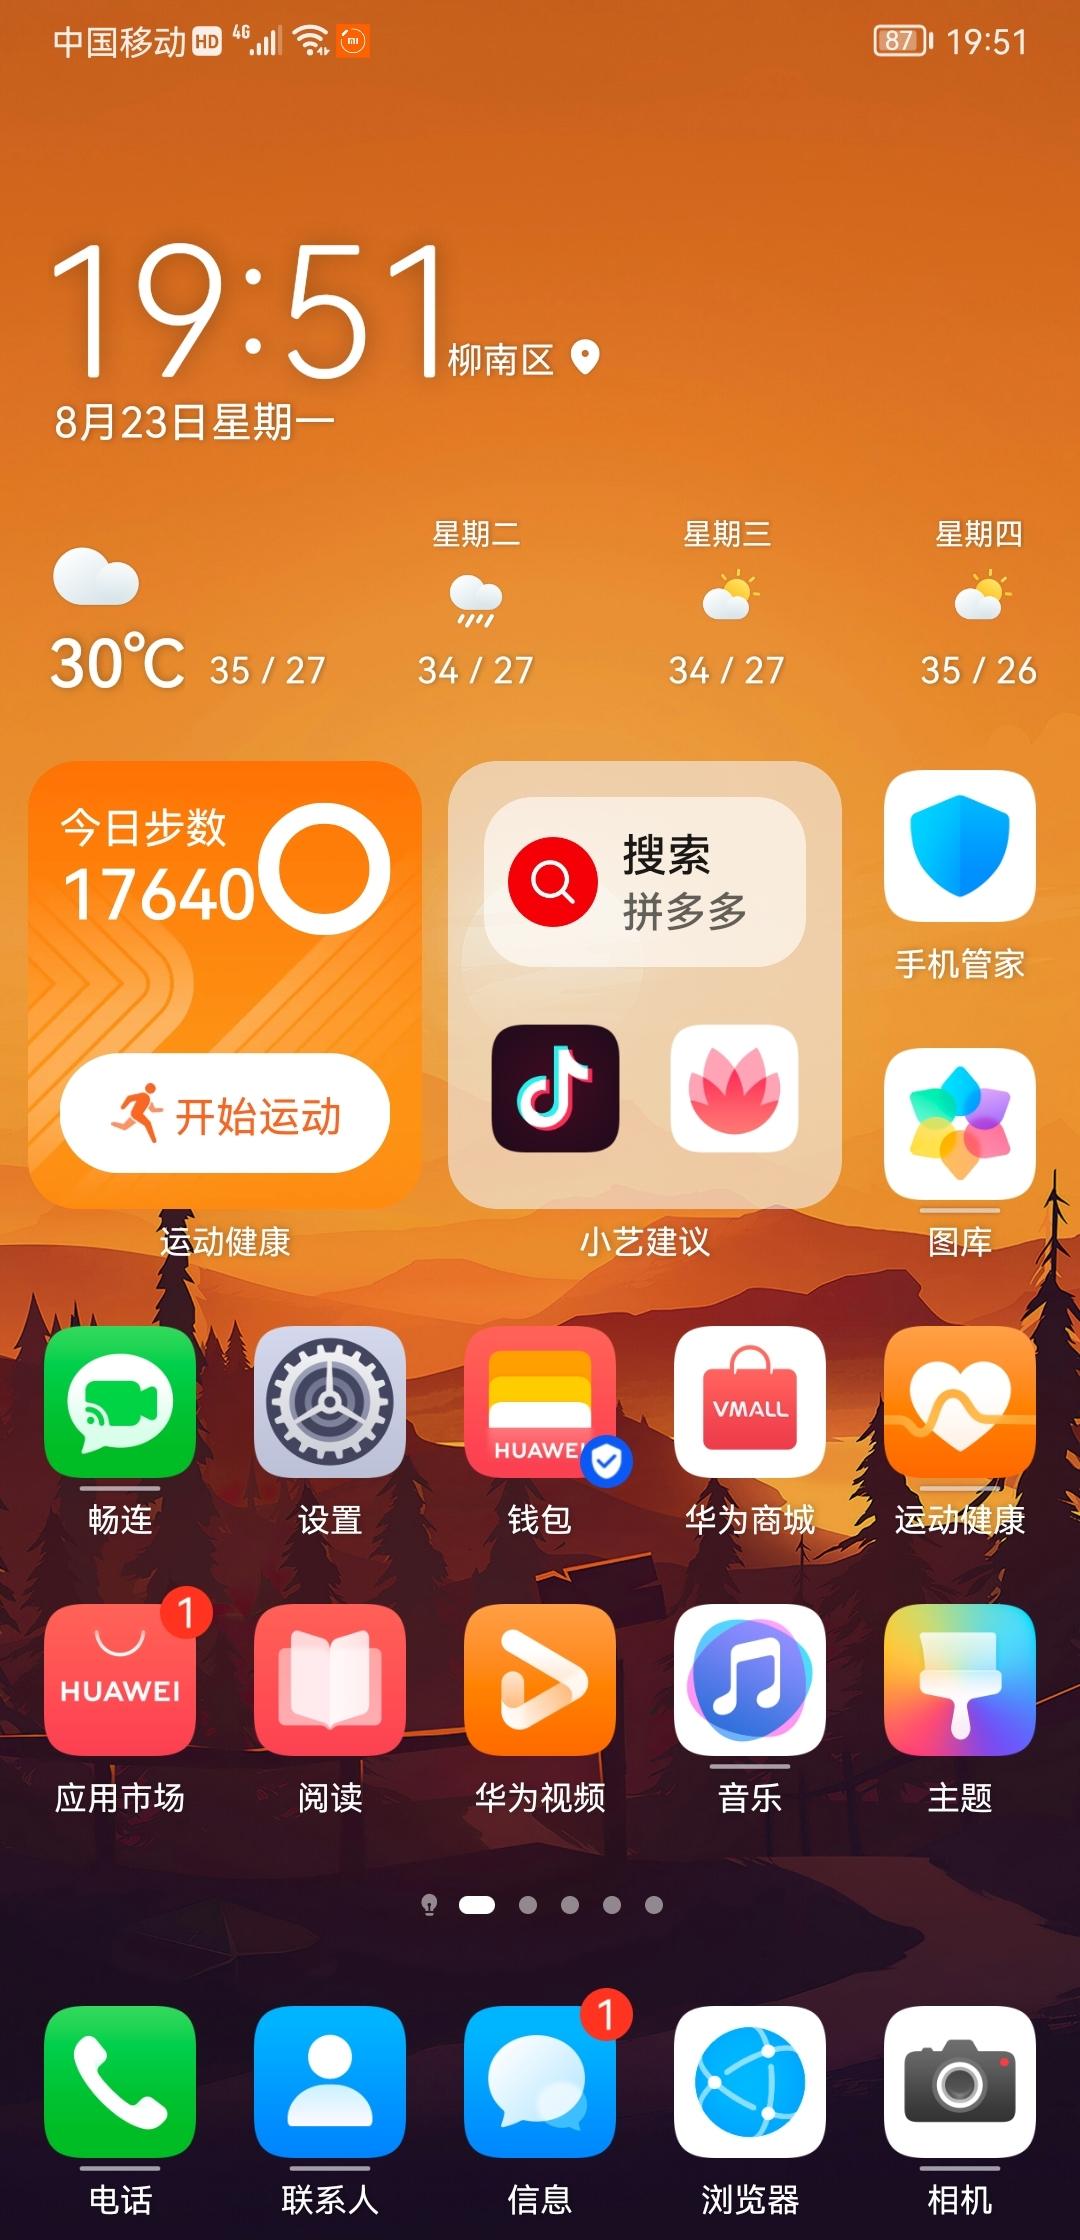 Screenshot_20210823_195102_com.huawei.android.launcher.jpg